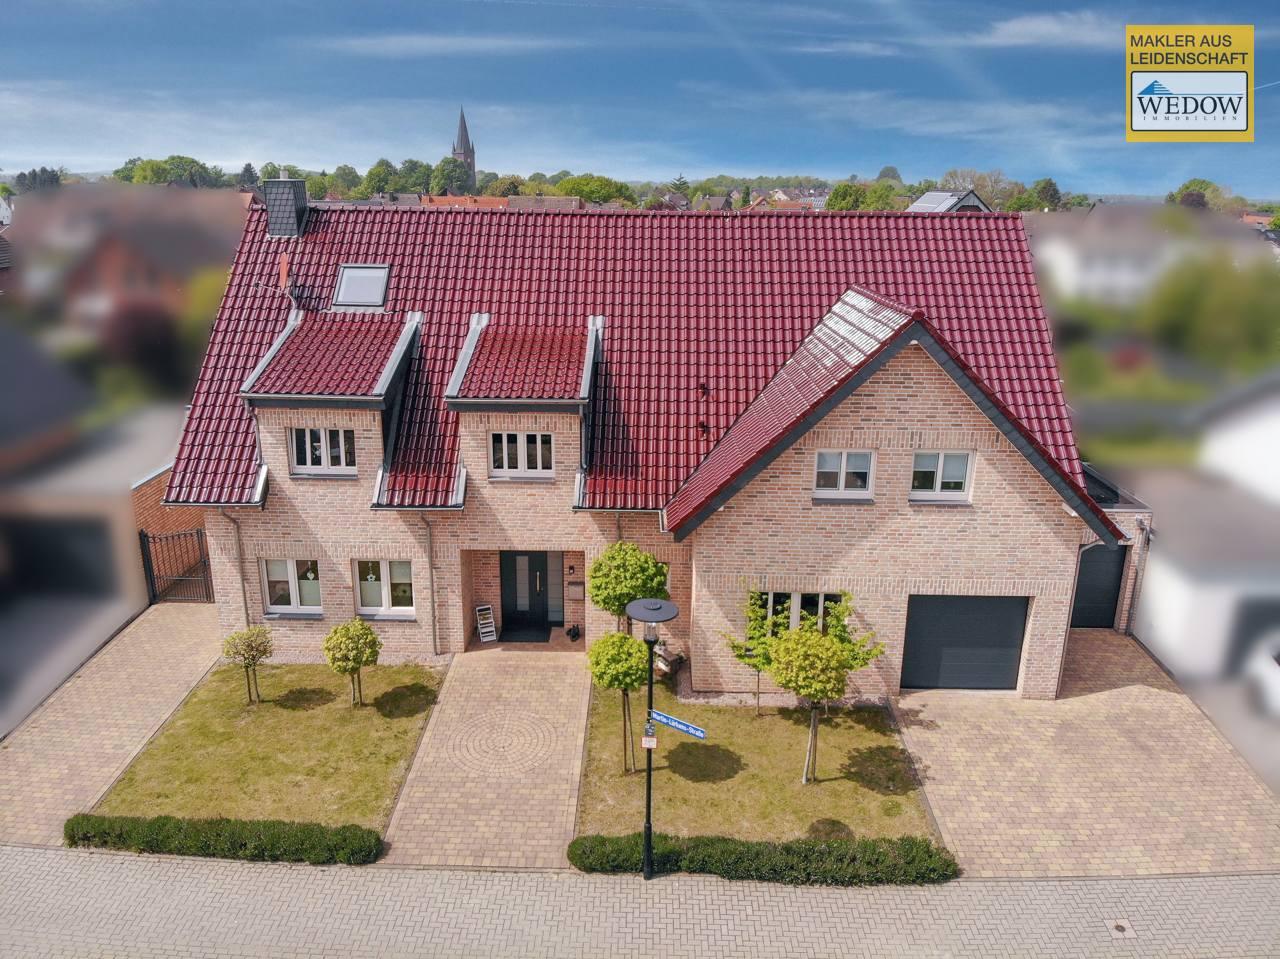 Immobilienmakler Übach-Palenberg Einfamilienhaus kaufen mit Immobilienbewertung